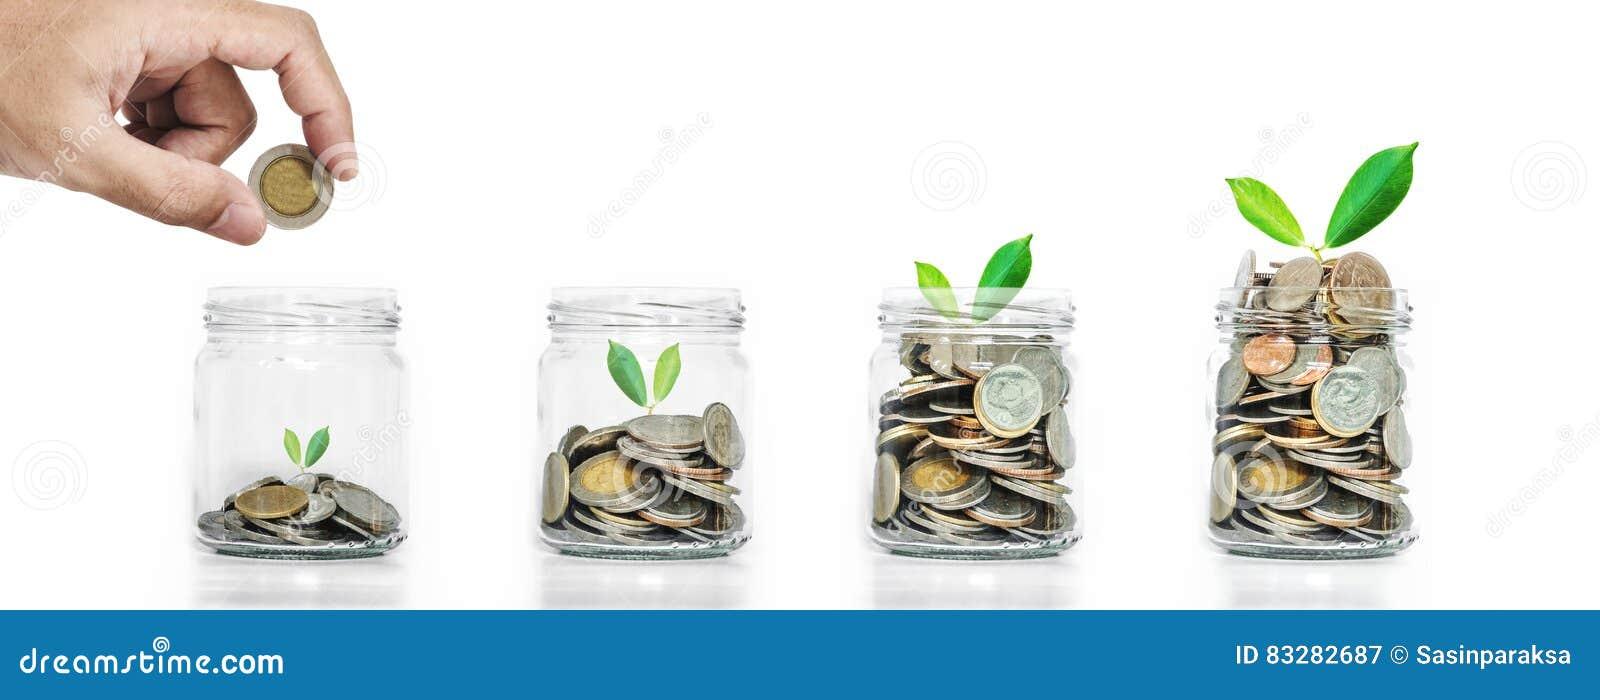 Сбережения денег, рука положили монетки в копилку с накалять заводов